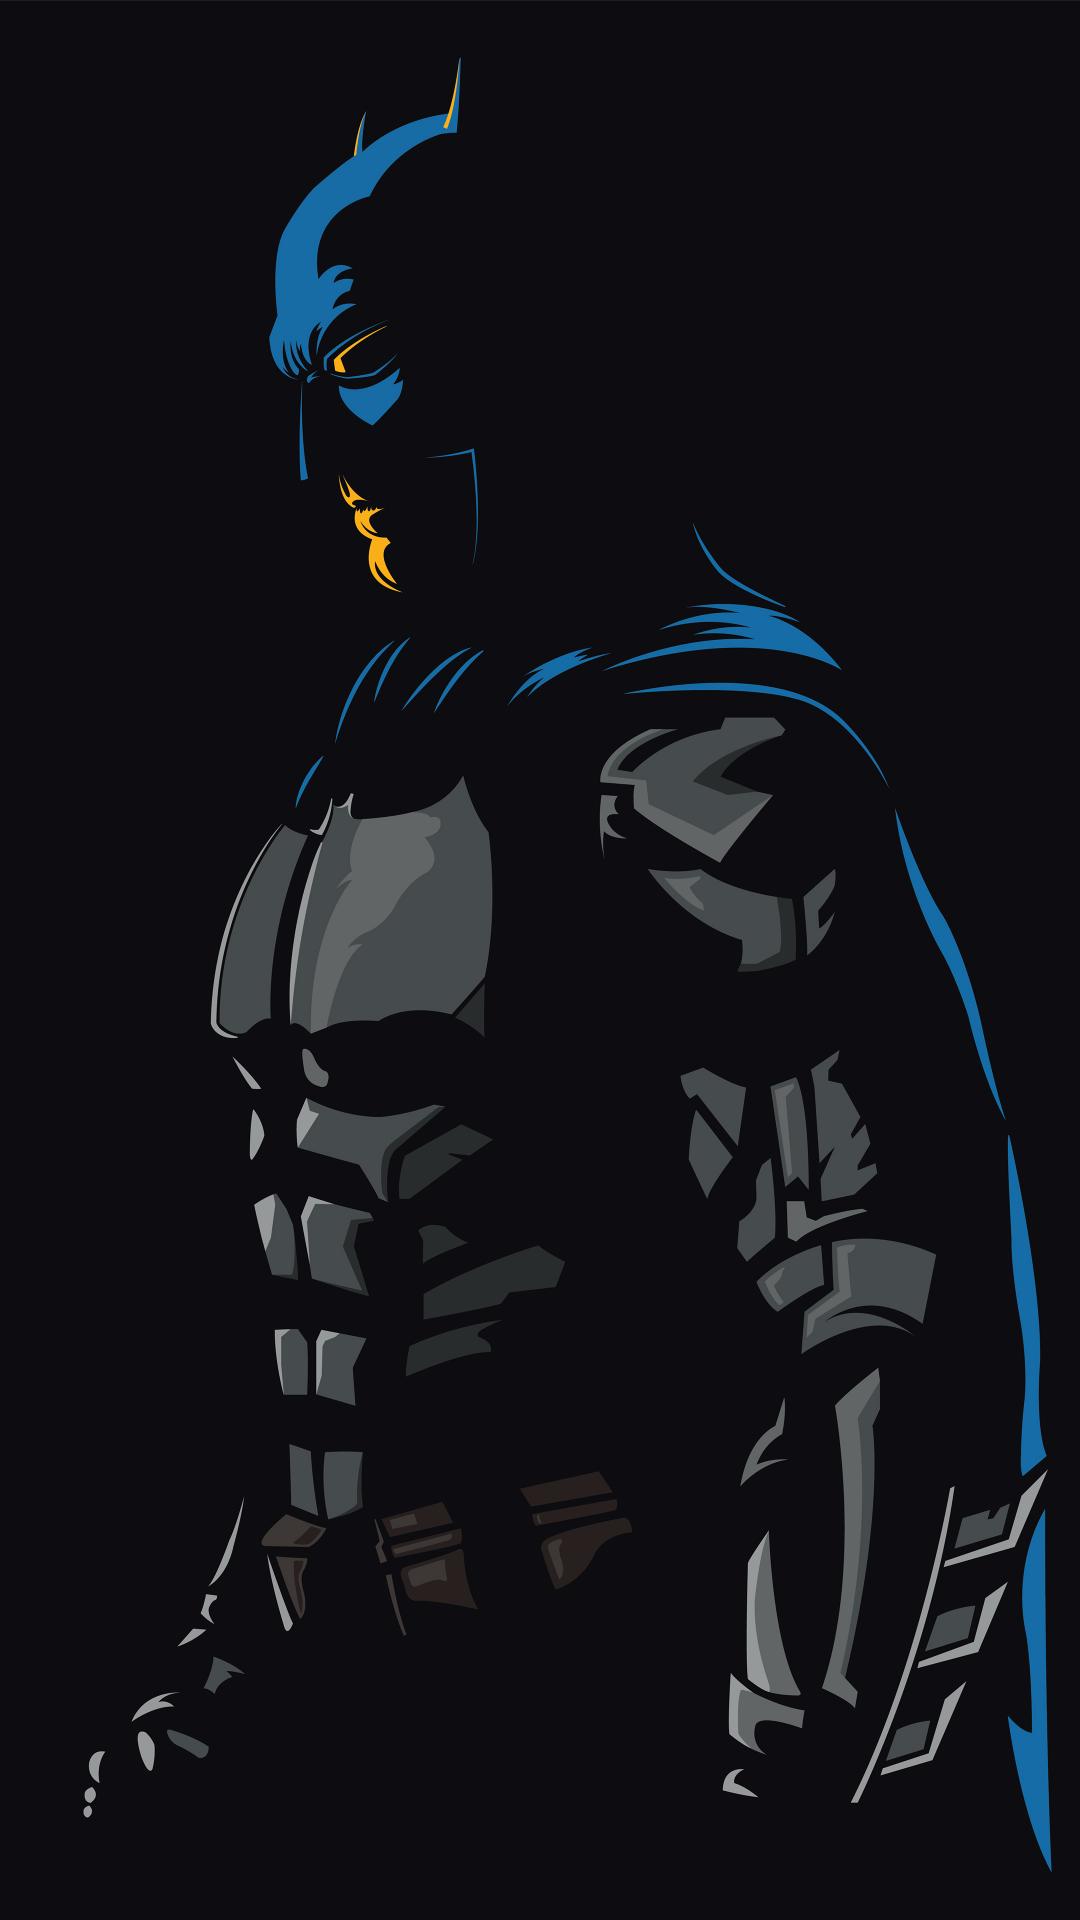 Minimal / Batman Wallpaper in 2020 Iphone wallpaper